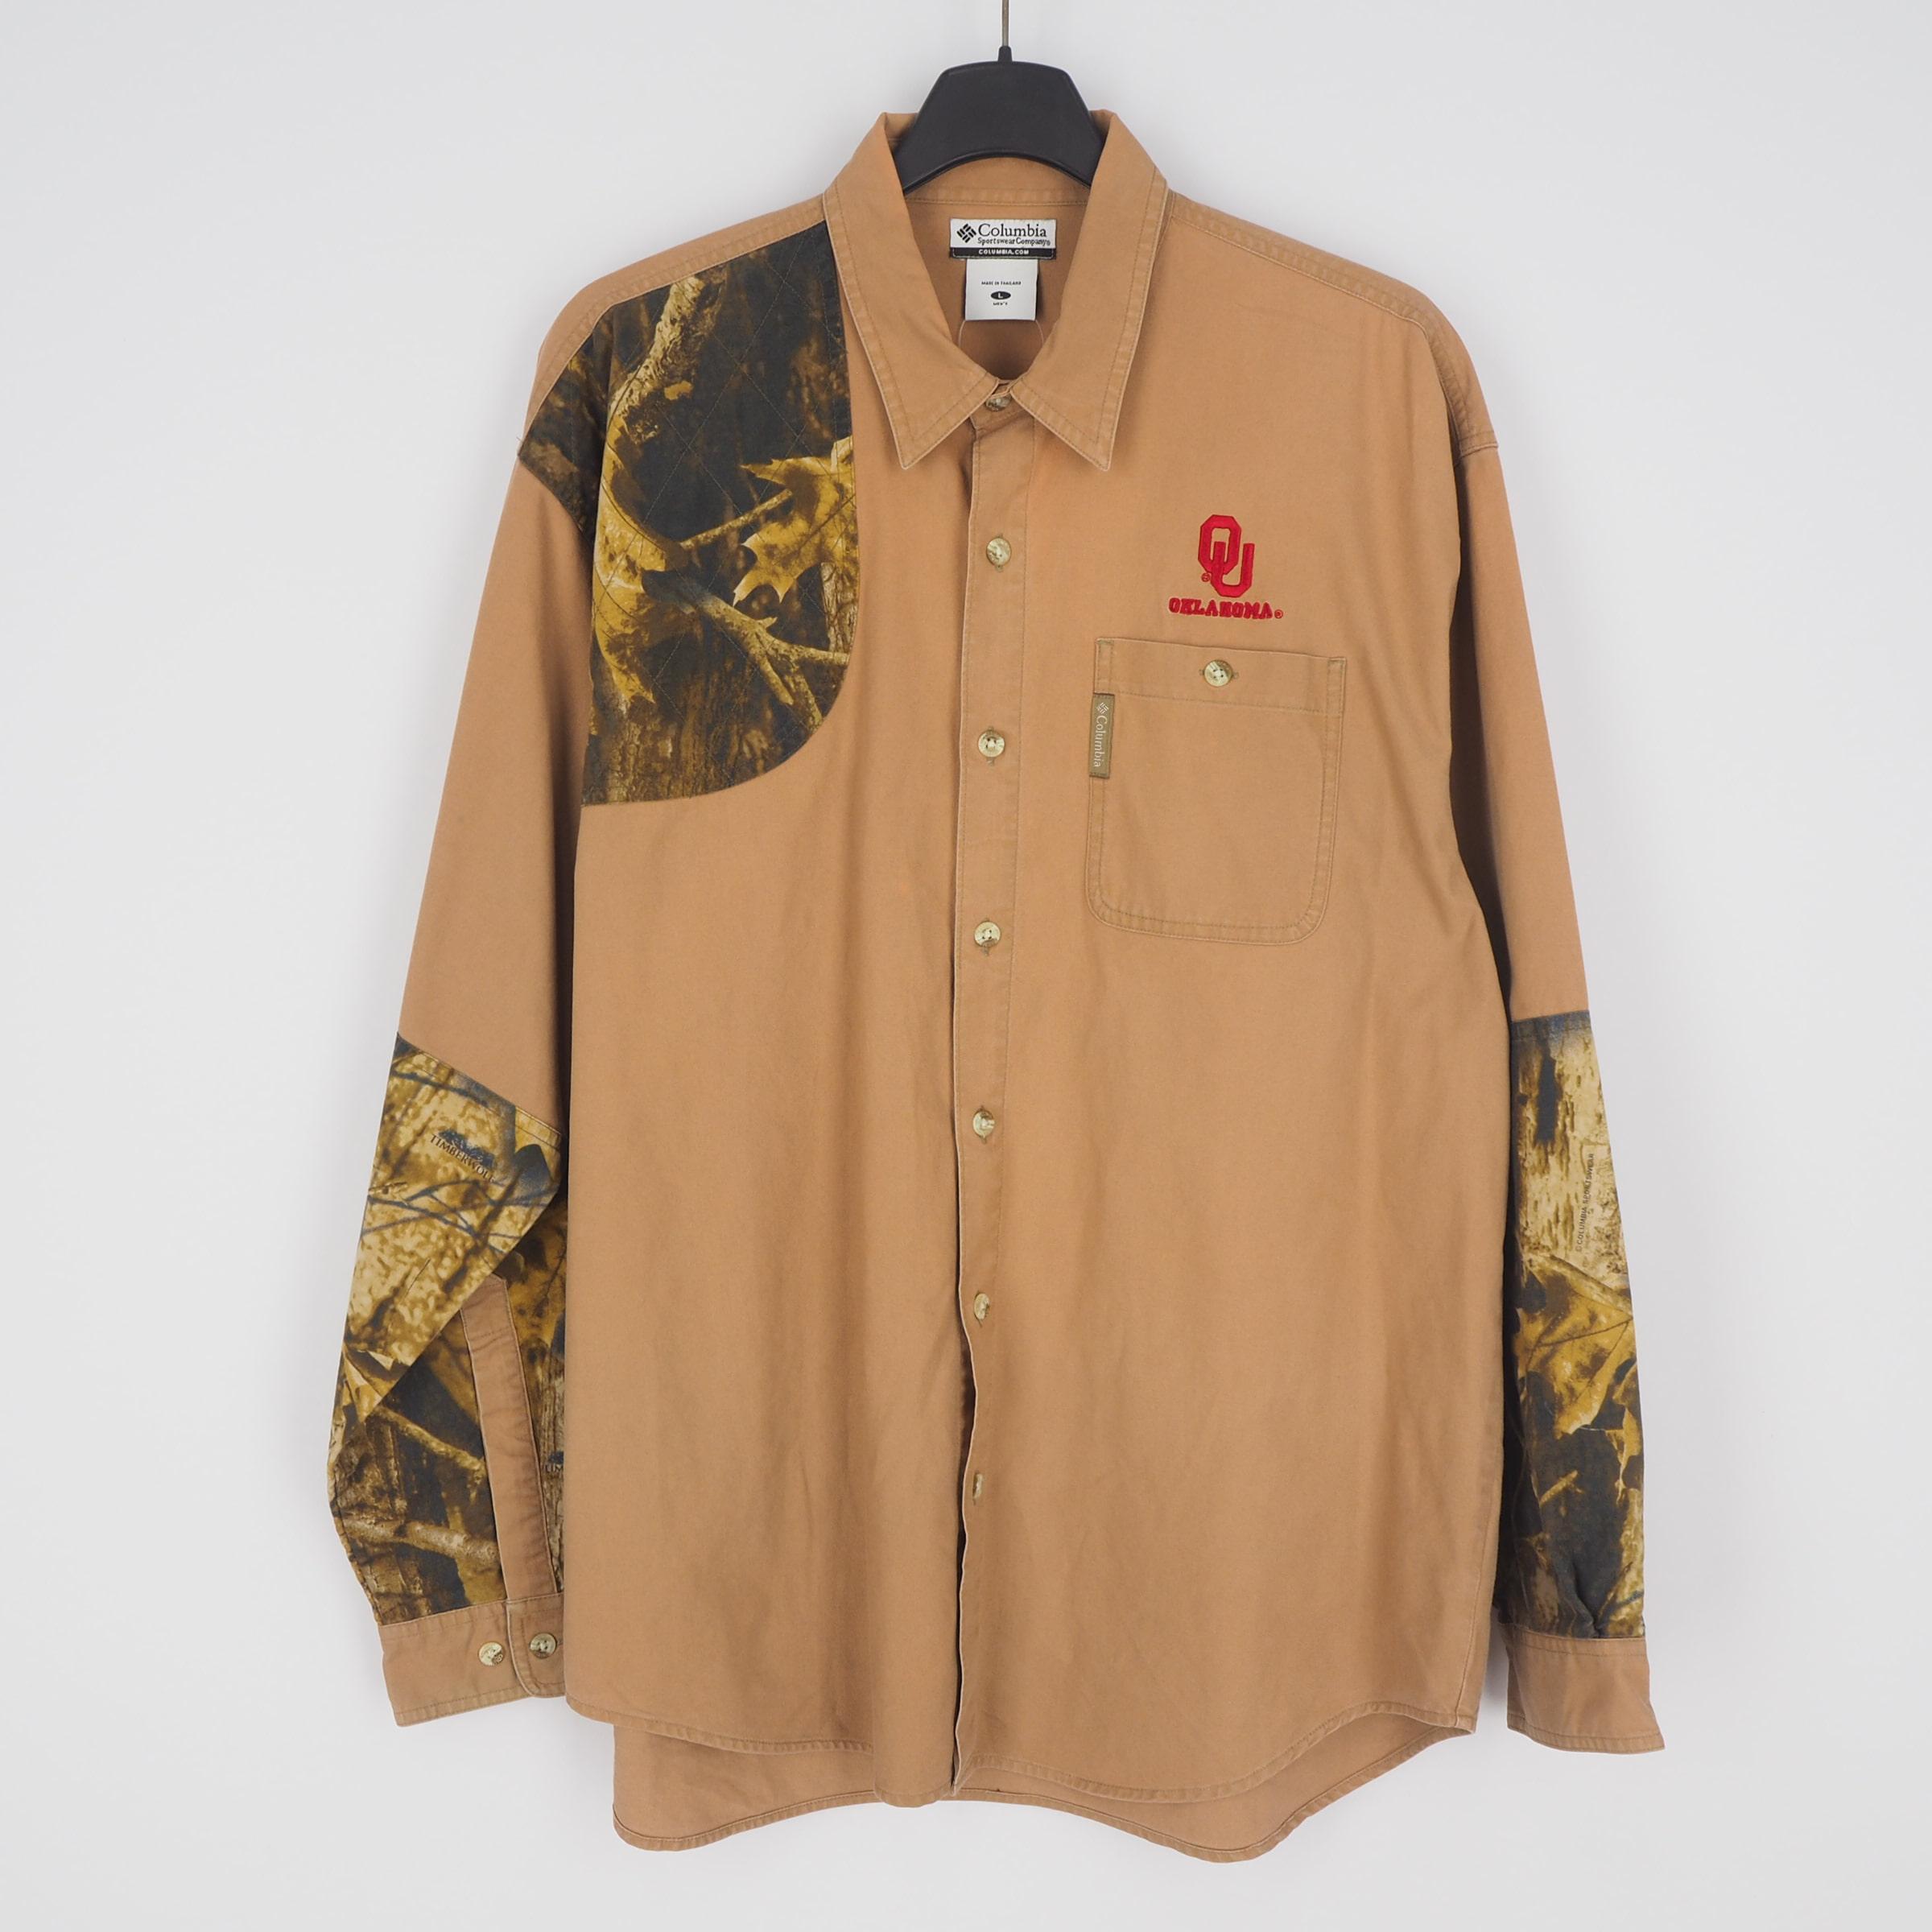 [XXL] 컬럼비아 긴팔 셔츠